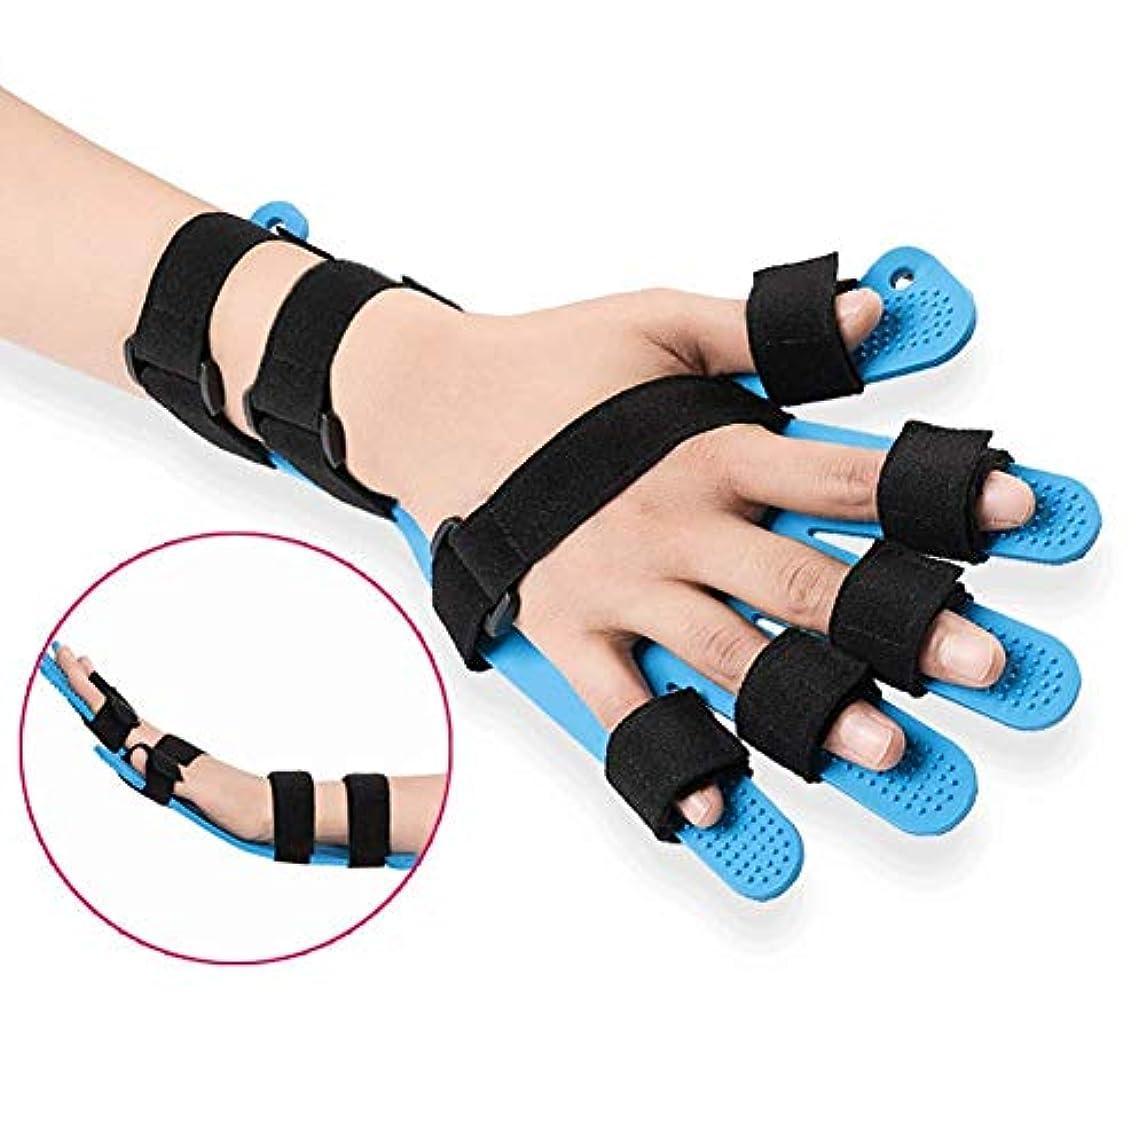 人差し指非難薬理学スプリント指の指セパレーターHemiplegiaStroke手指インソールポイント指スプリントトレーニングトリガーの手の手首の装具別のデバイスを指